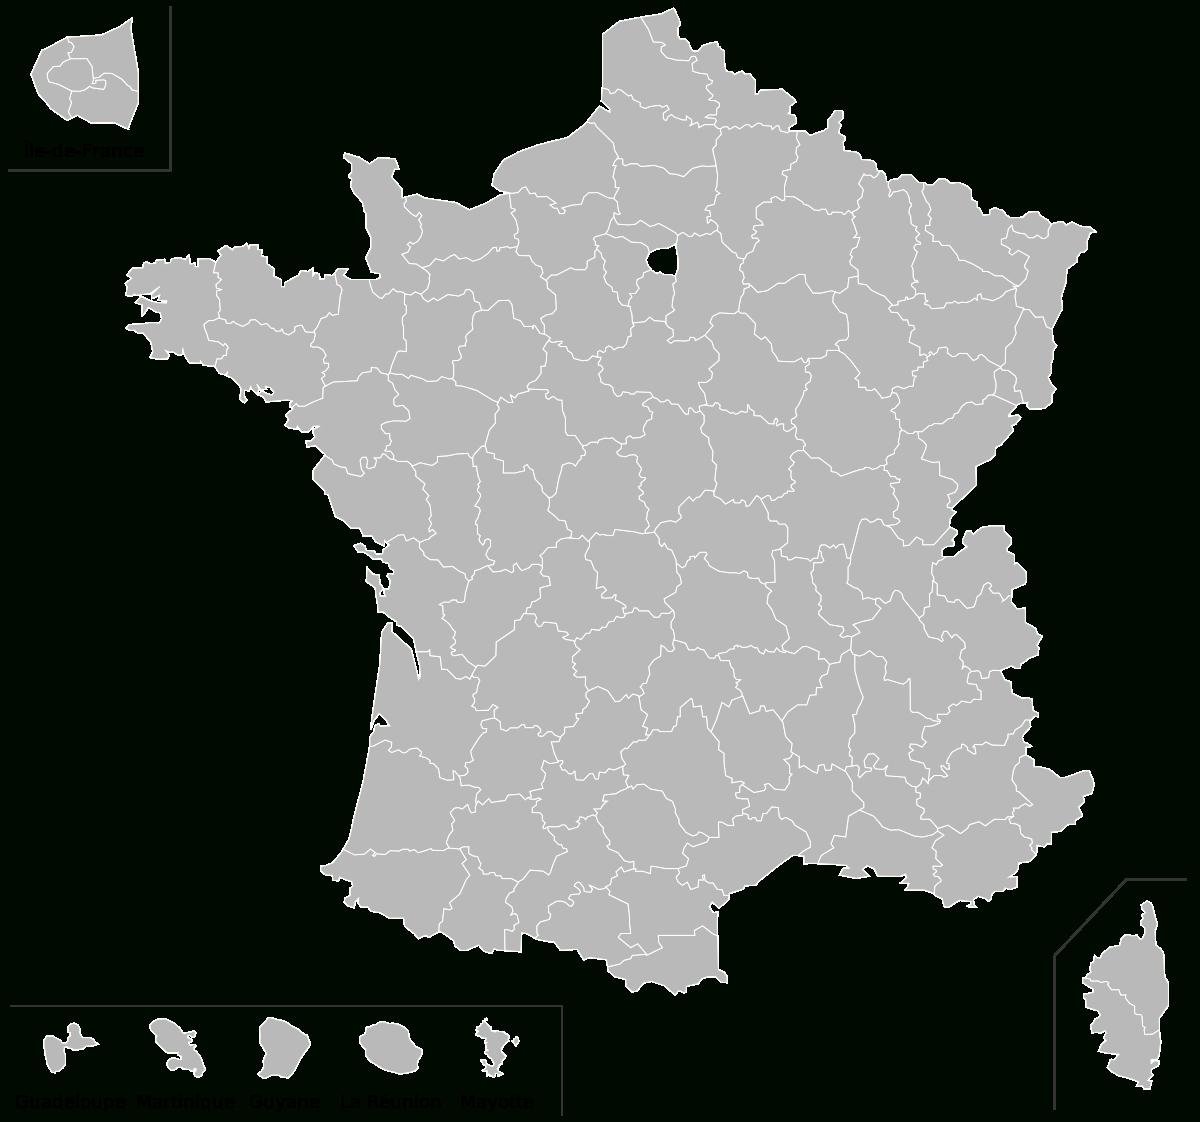 Fichier:carte Vierge Départements Français Avec Dom.svg intérieur Carte Vierge De France